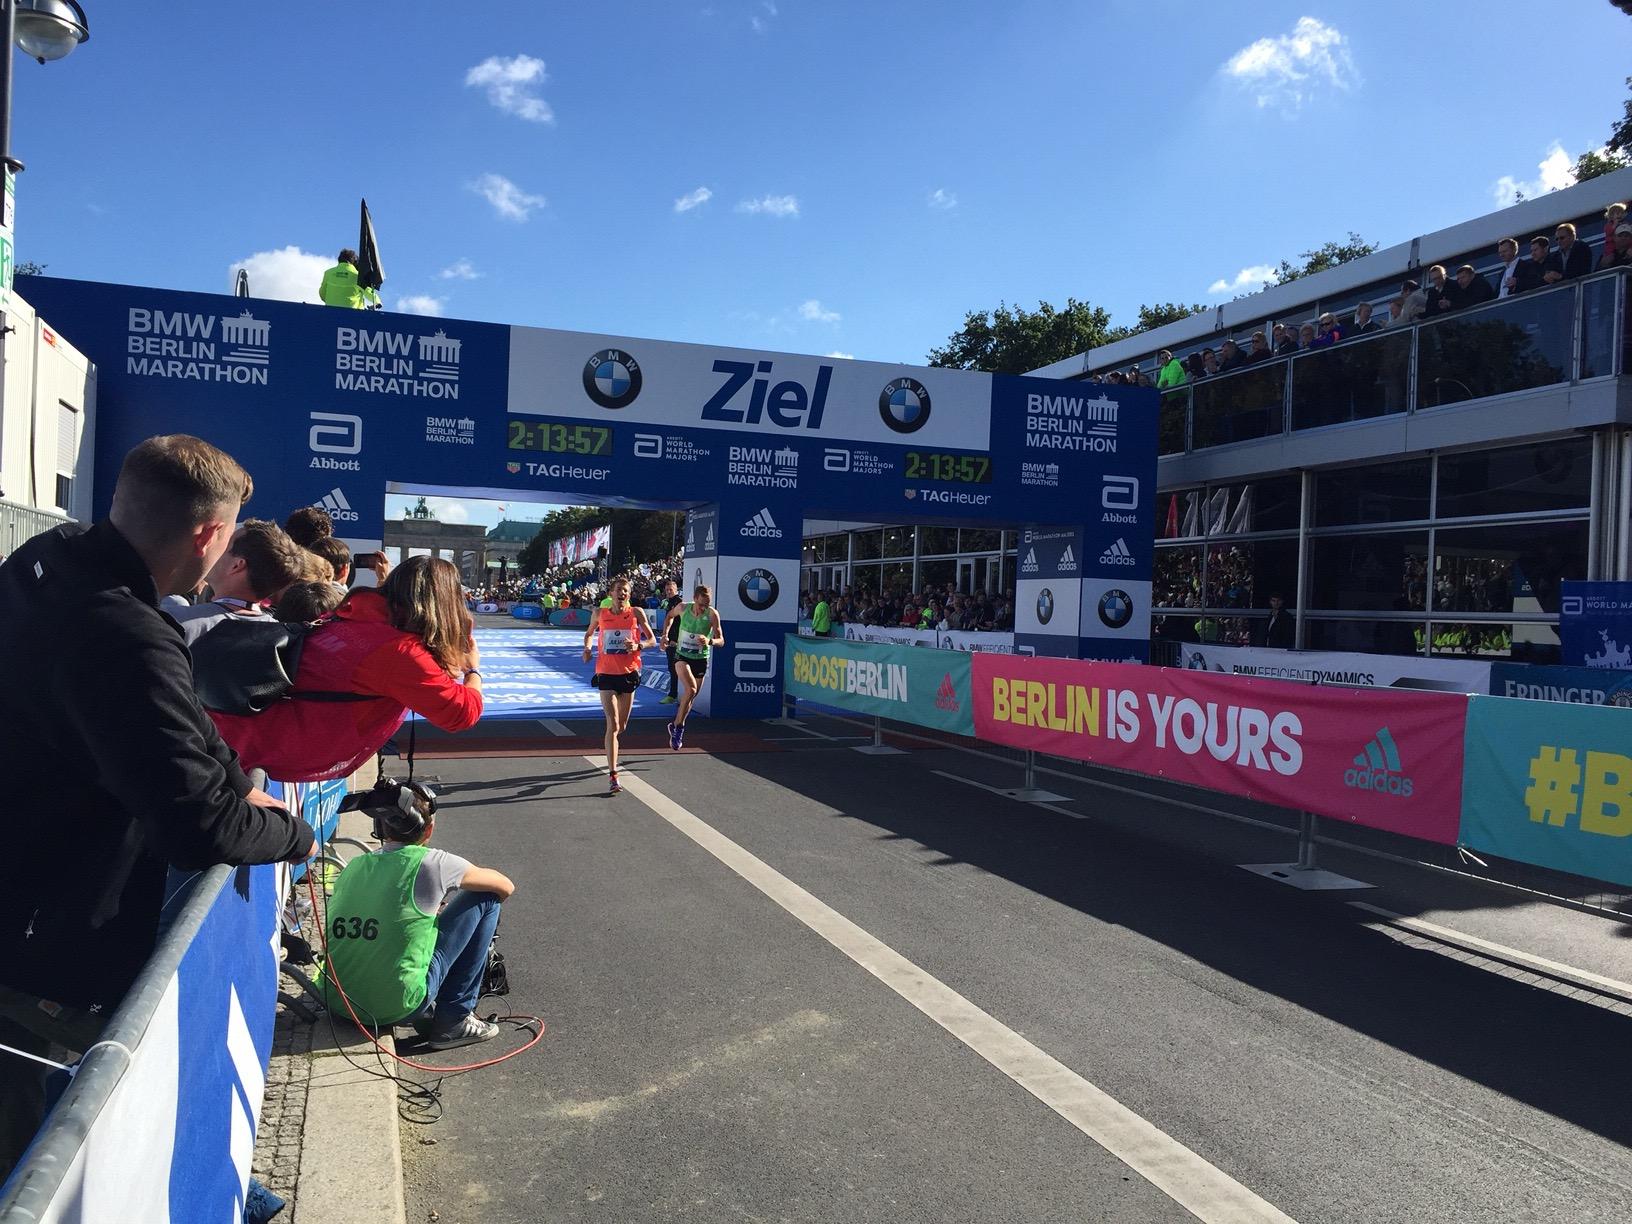 BMW Berlin-Marathon (Bild: Nico Schefer)